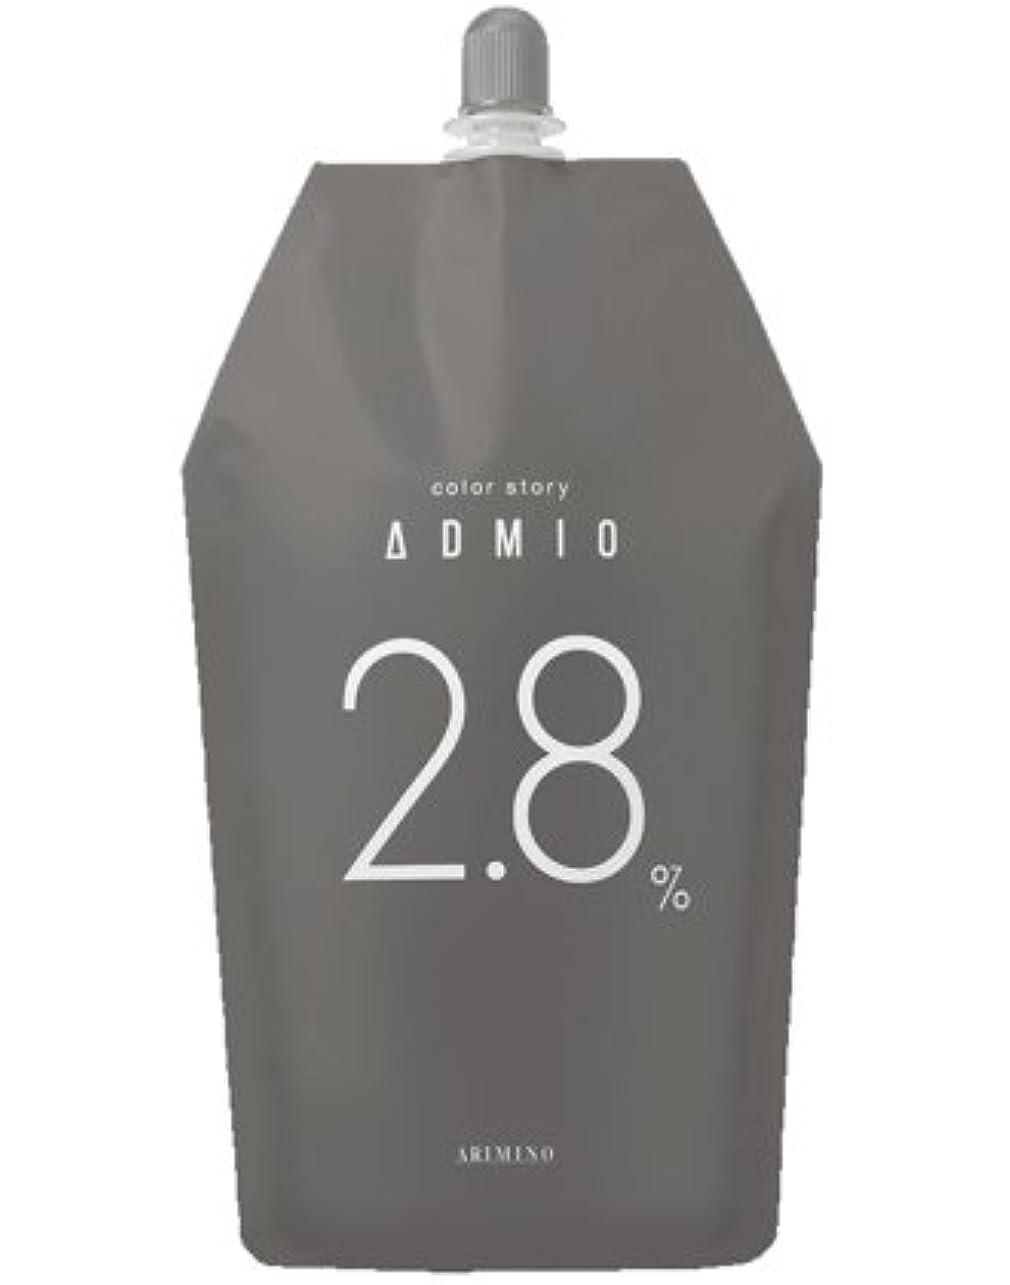 ポジティブハイキングタービン【アリミノ】カラーストーリー アドミオ OX 2.8% 1000ml